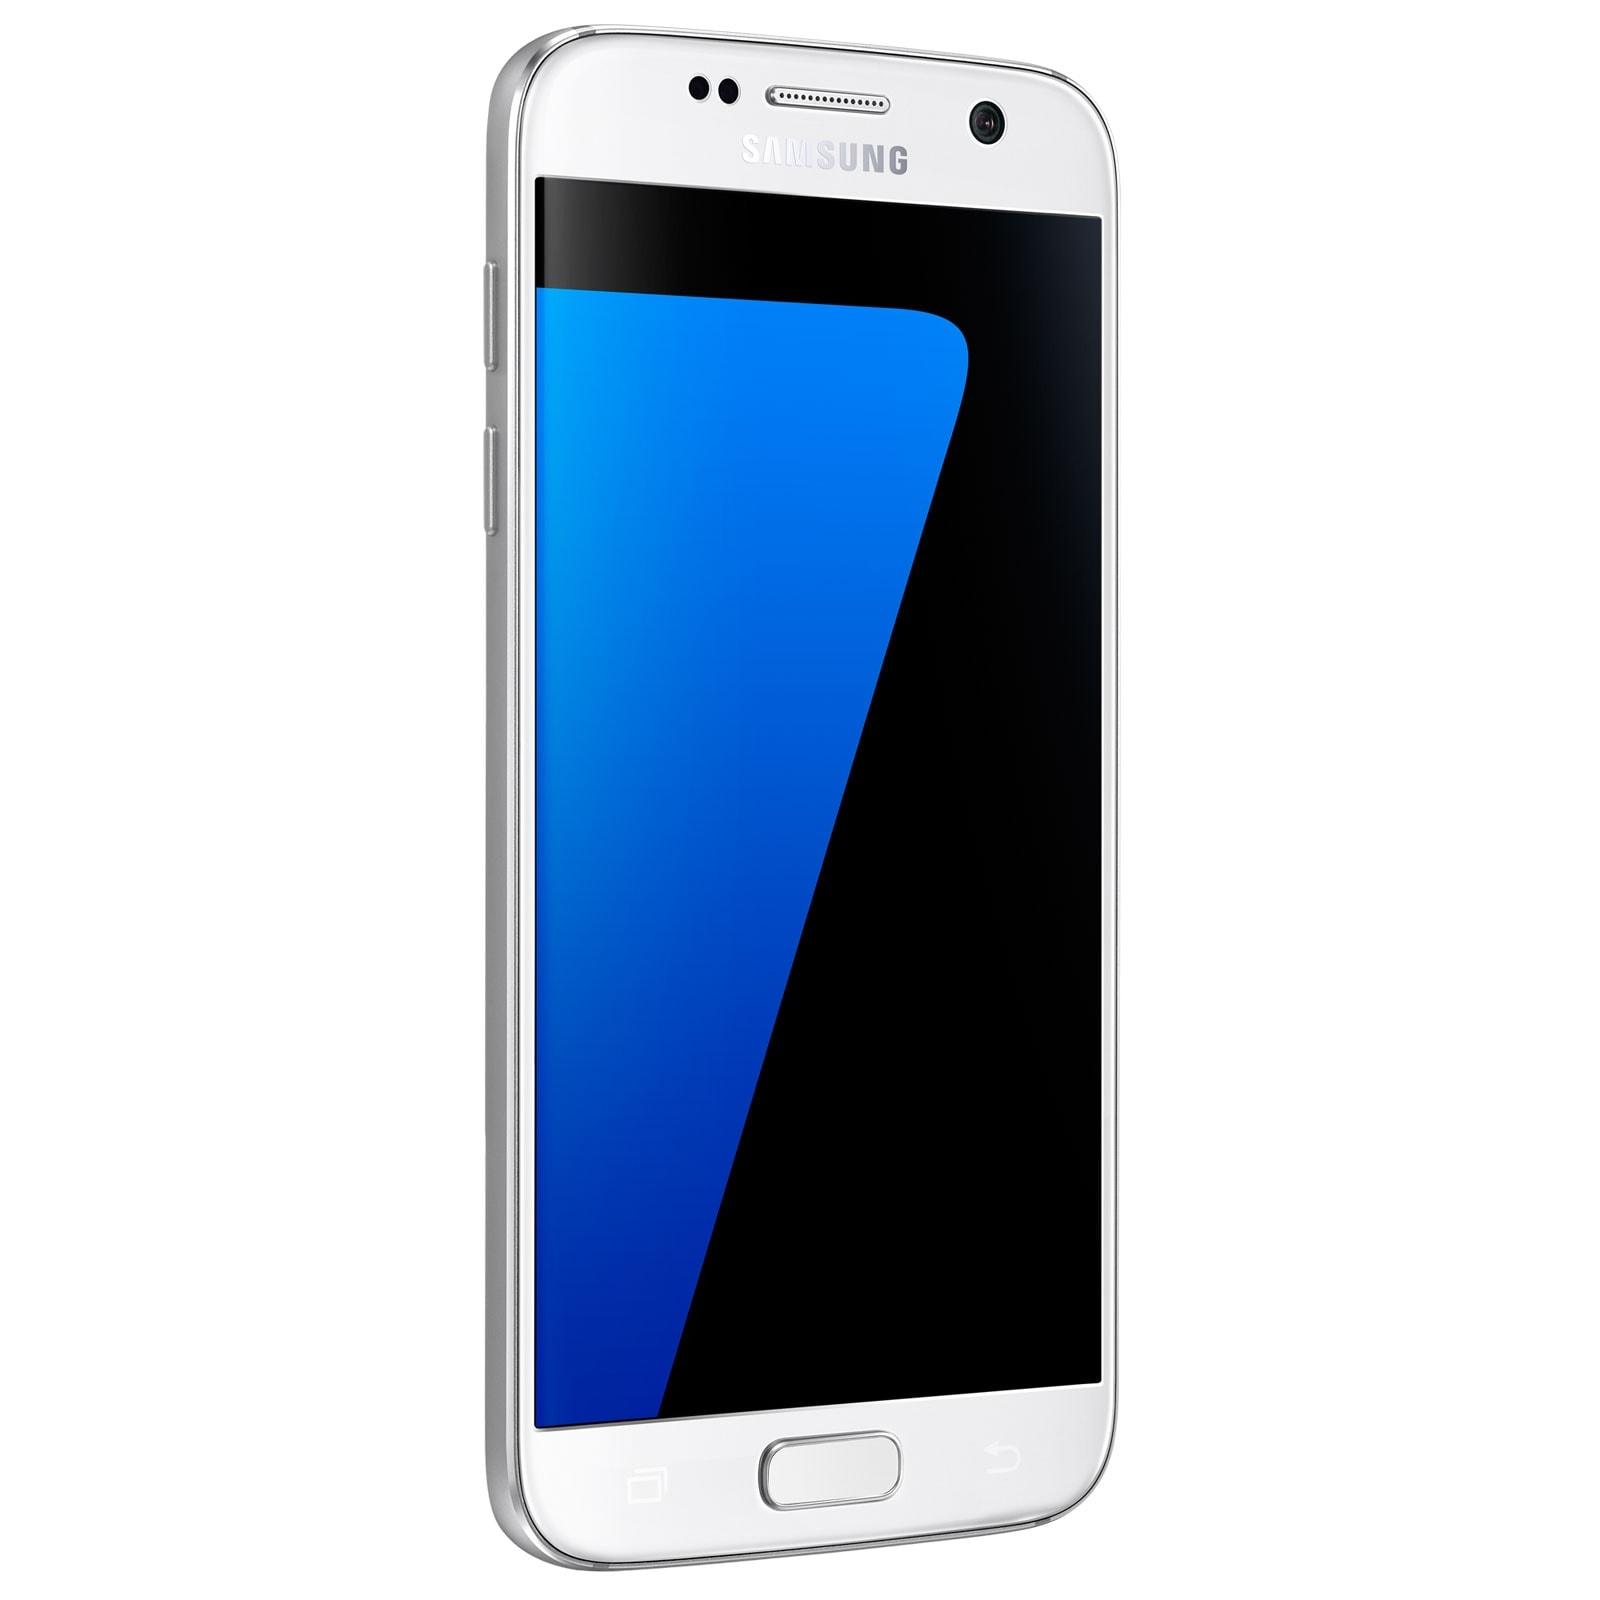 Samsung Galaxy S7 32Go G930F White (SM-G930FZWAXEF) - Achat / Vente Téléphonie sur Cybertek.fr - 0